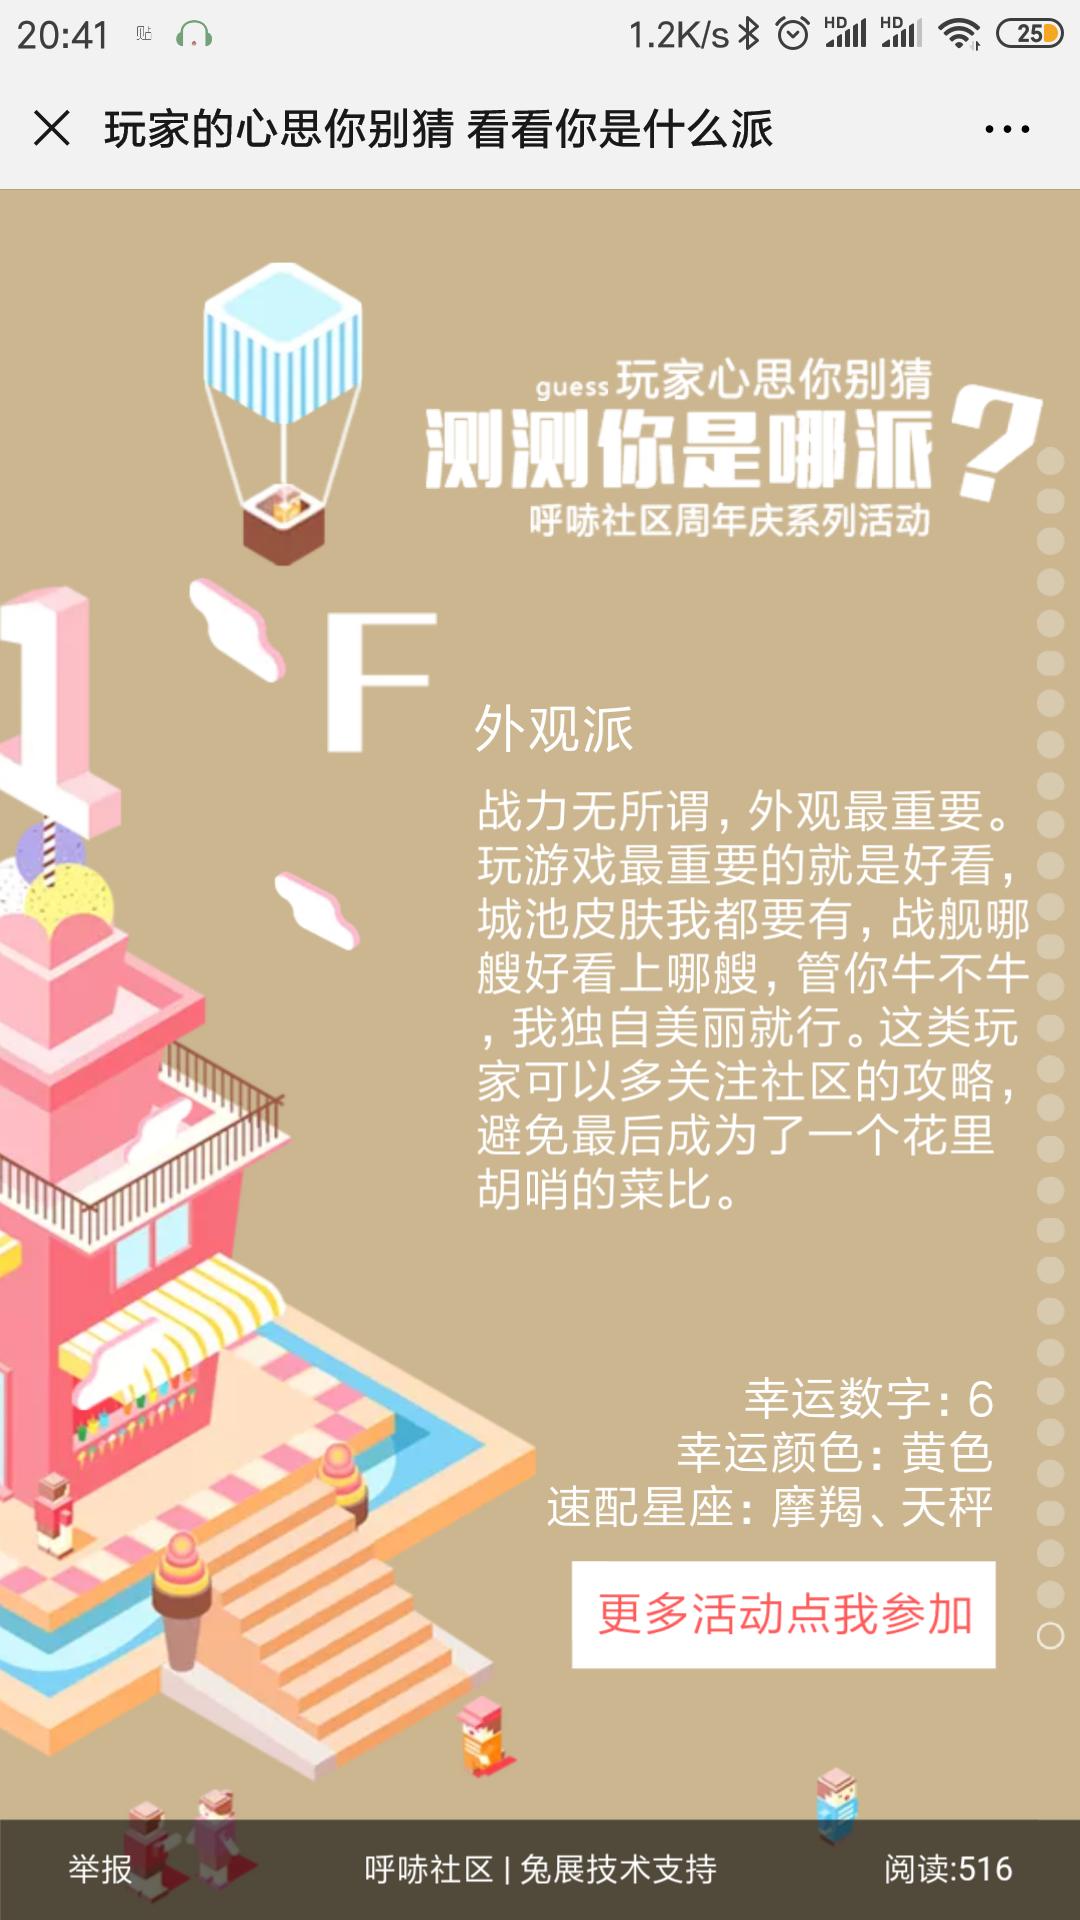 Screenshot_2019-07-25-20-41-11-094_com.tencent.mm.png